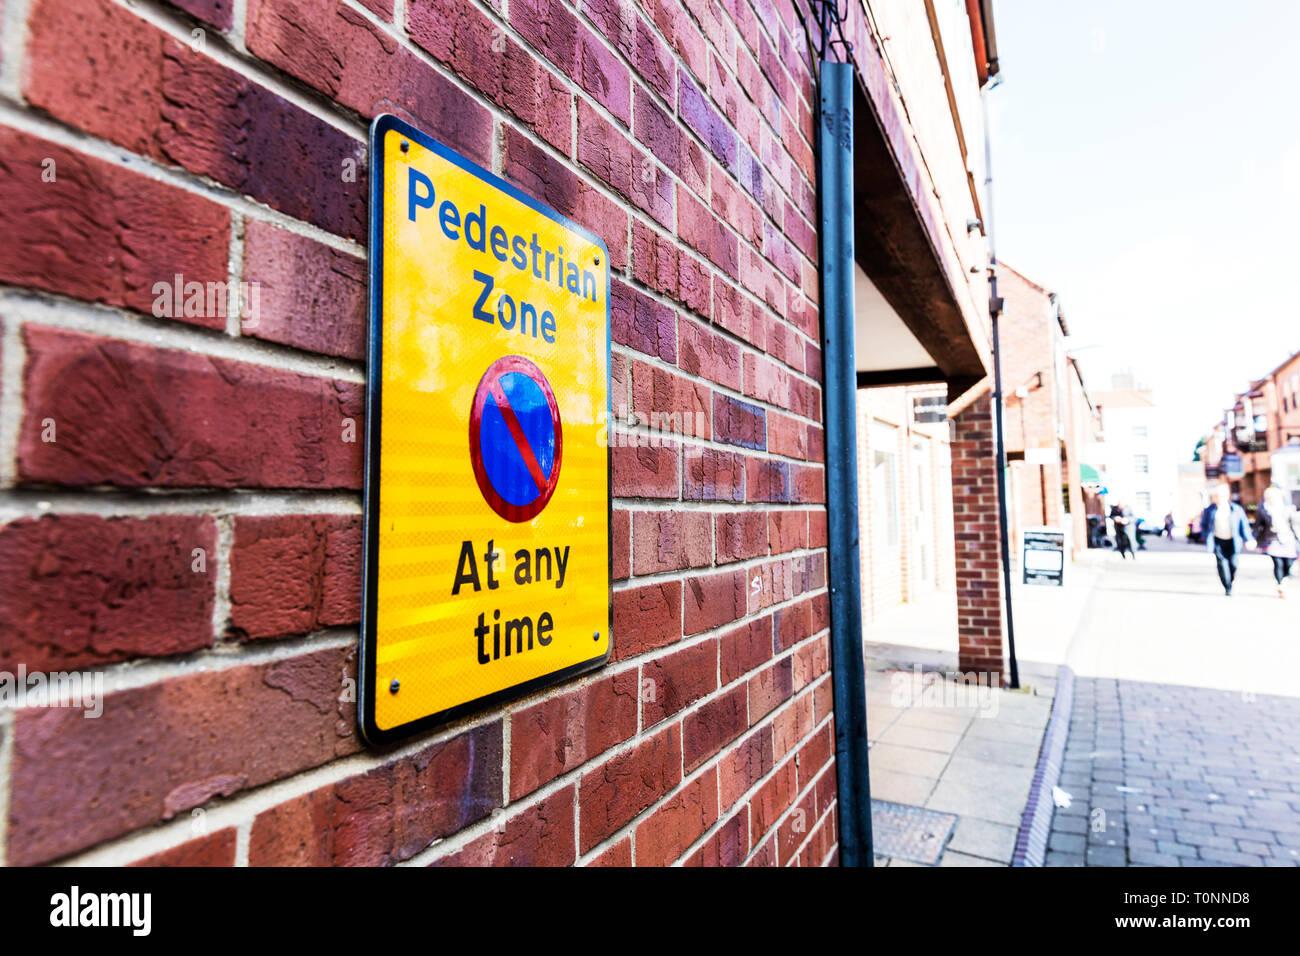 Zone piétonne, pas de signe, signe de stationnement parking Zone Piétonne Zone piétonne, signe de restriction de stationnement, UK de signalisation, signalisation routière, parking sign, UK Photo Stock